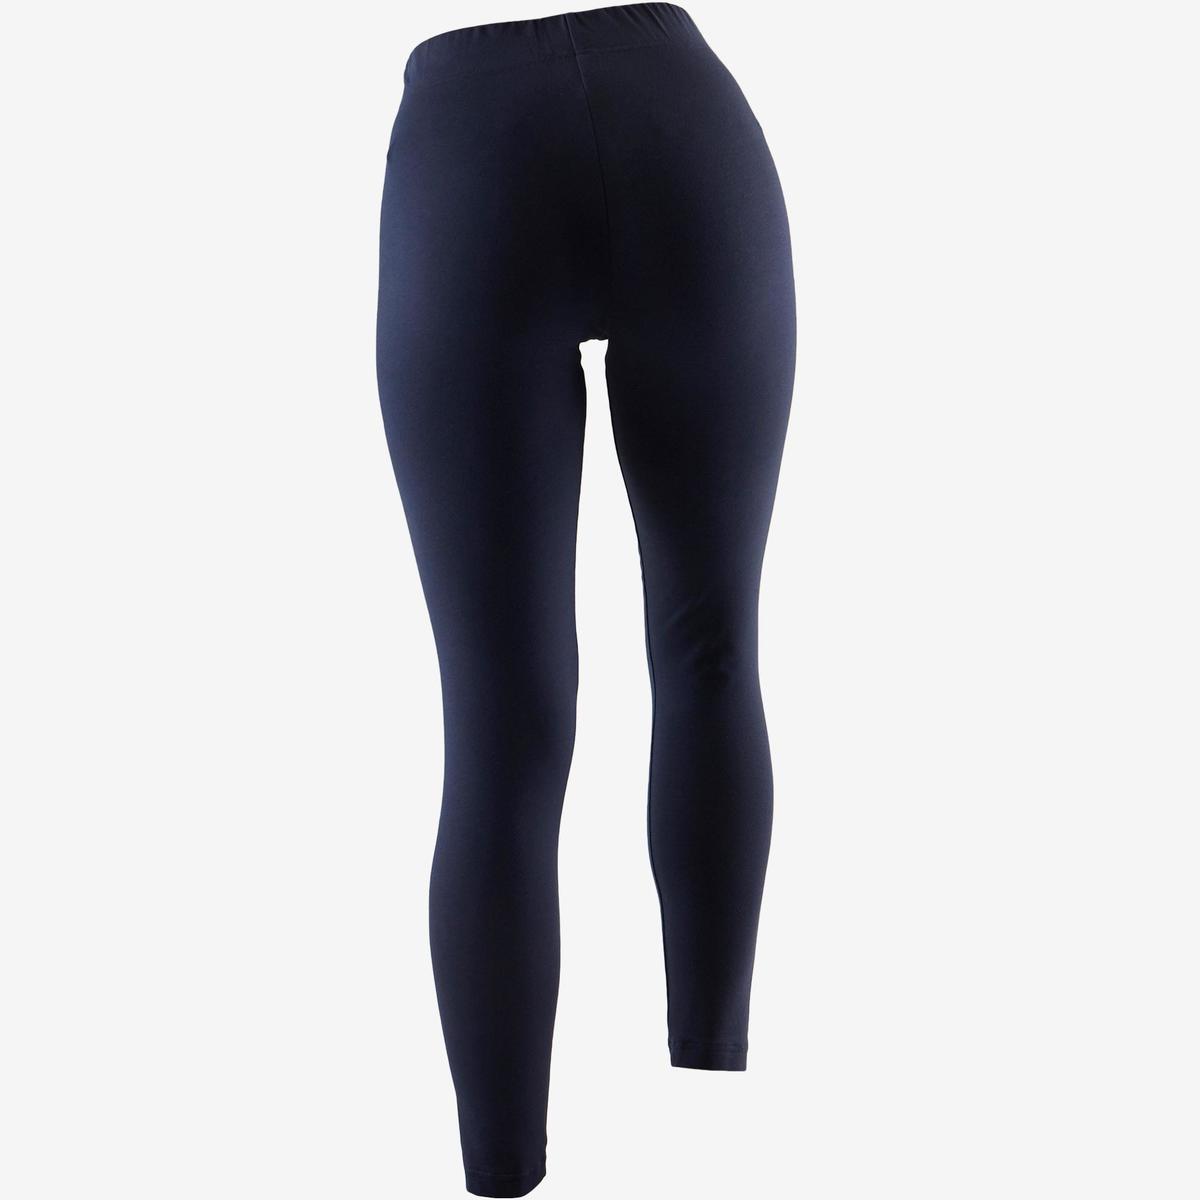 Bild 4 von Leggings Linear 500 Gym Damen weiß/blau